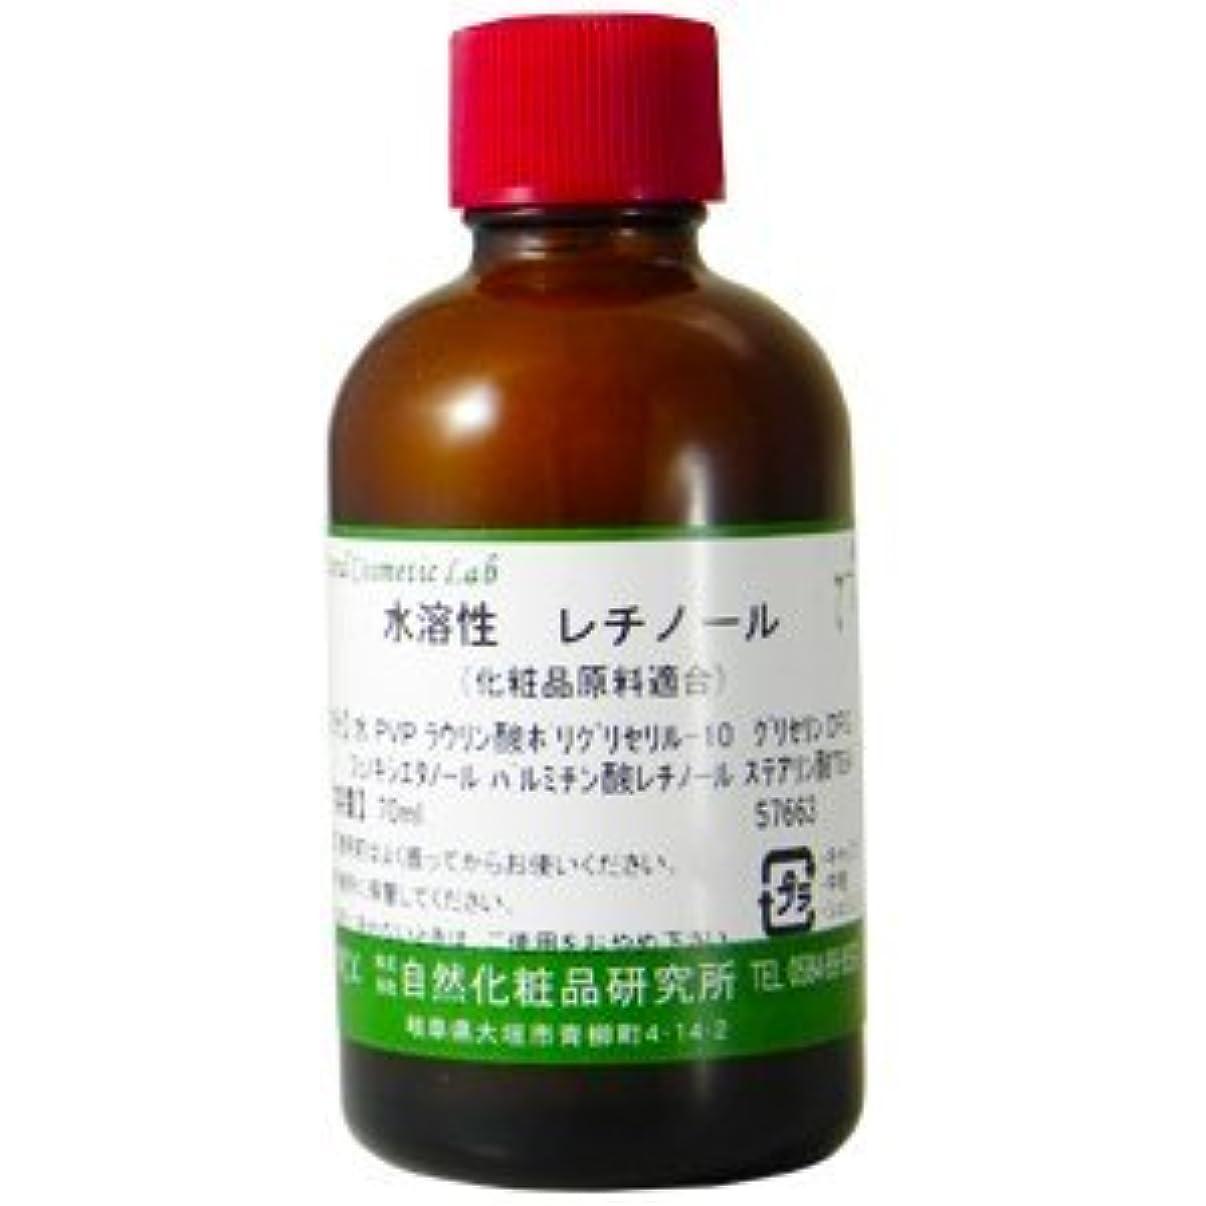 絶縁する盆休み水溶性レチノール 70ml 【手作り化粧品原料】